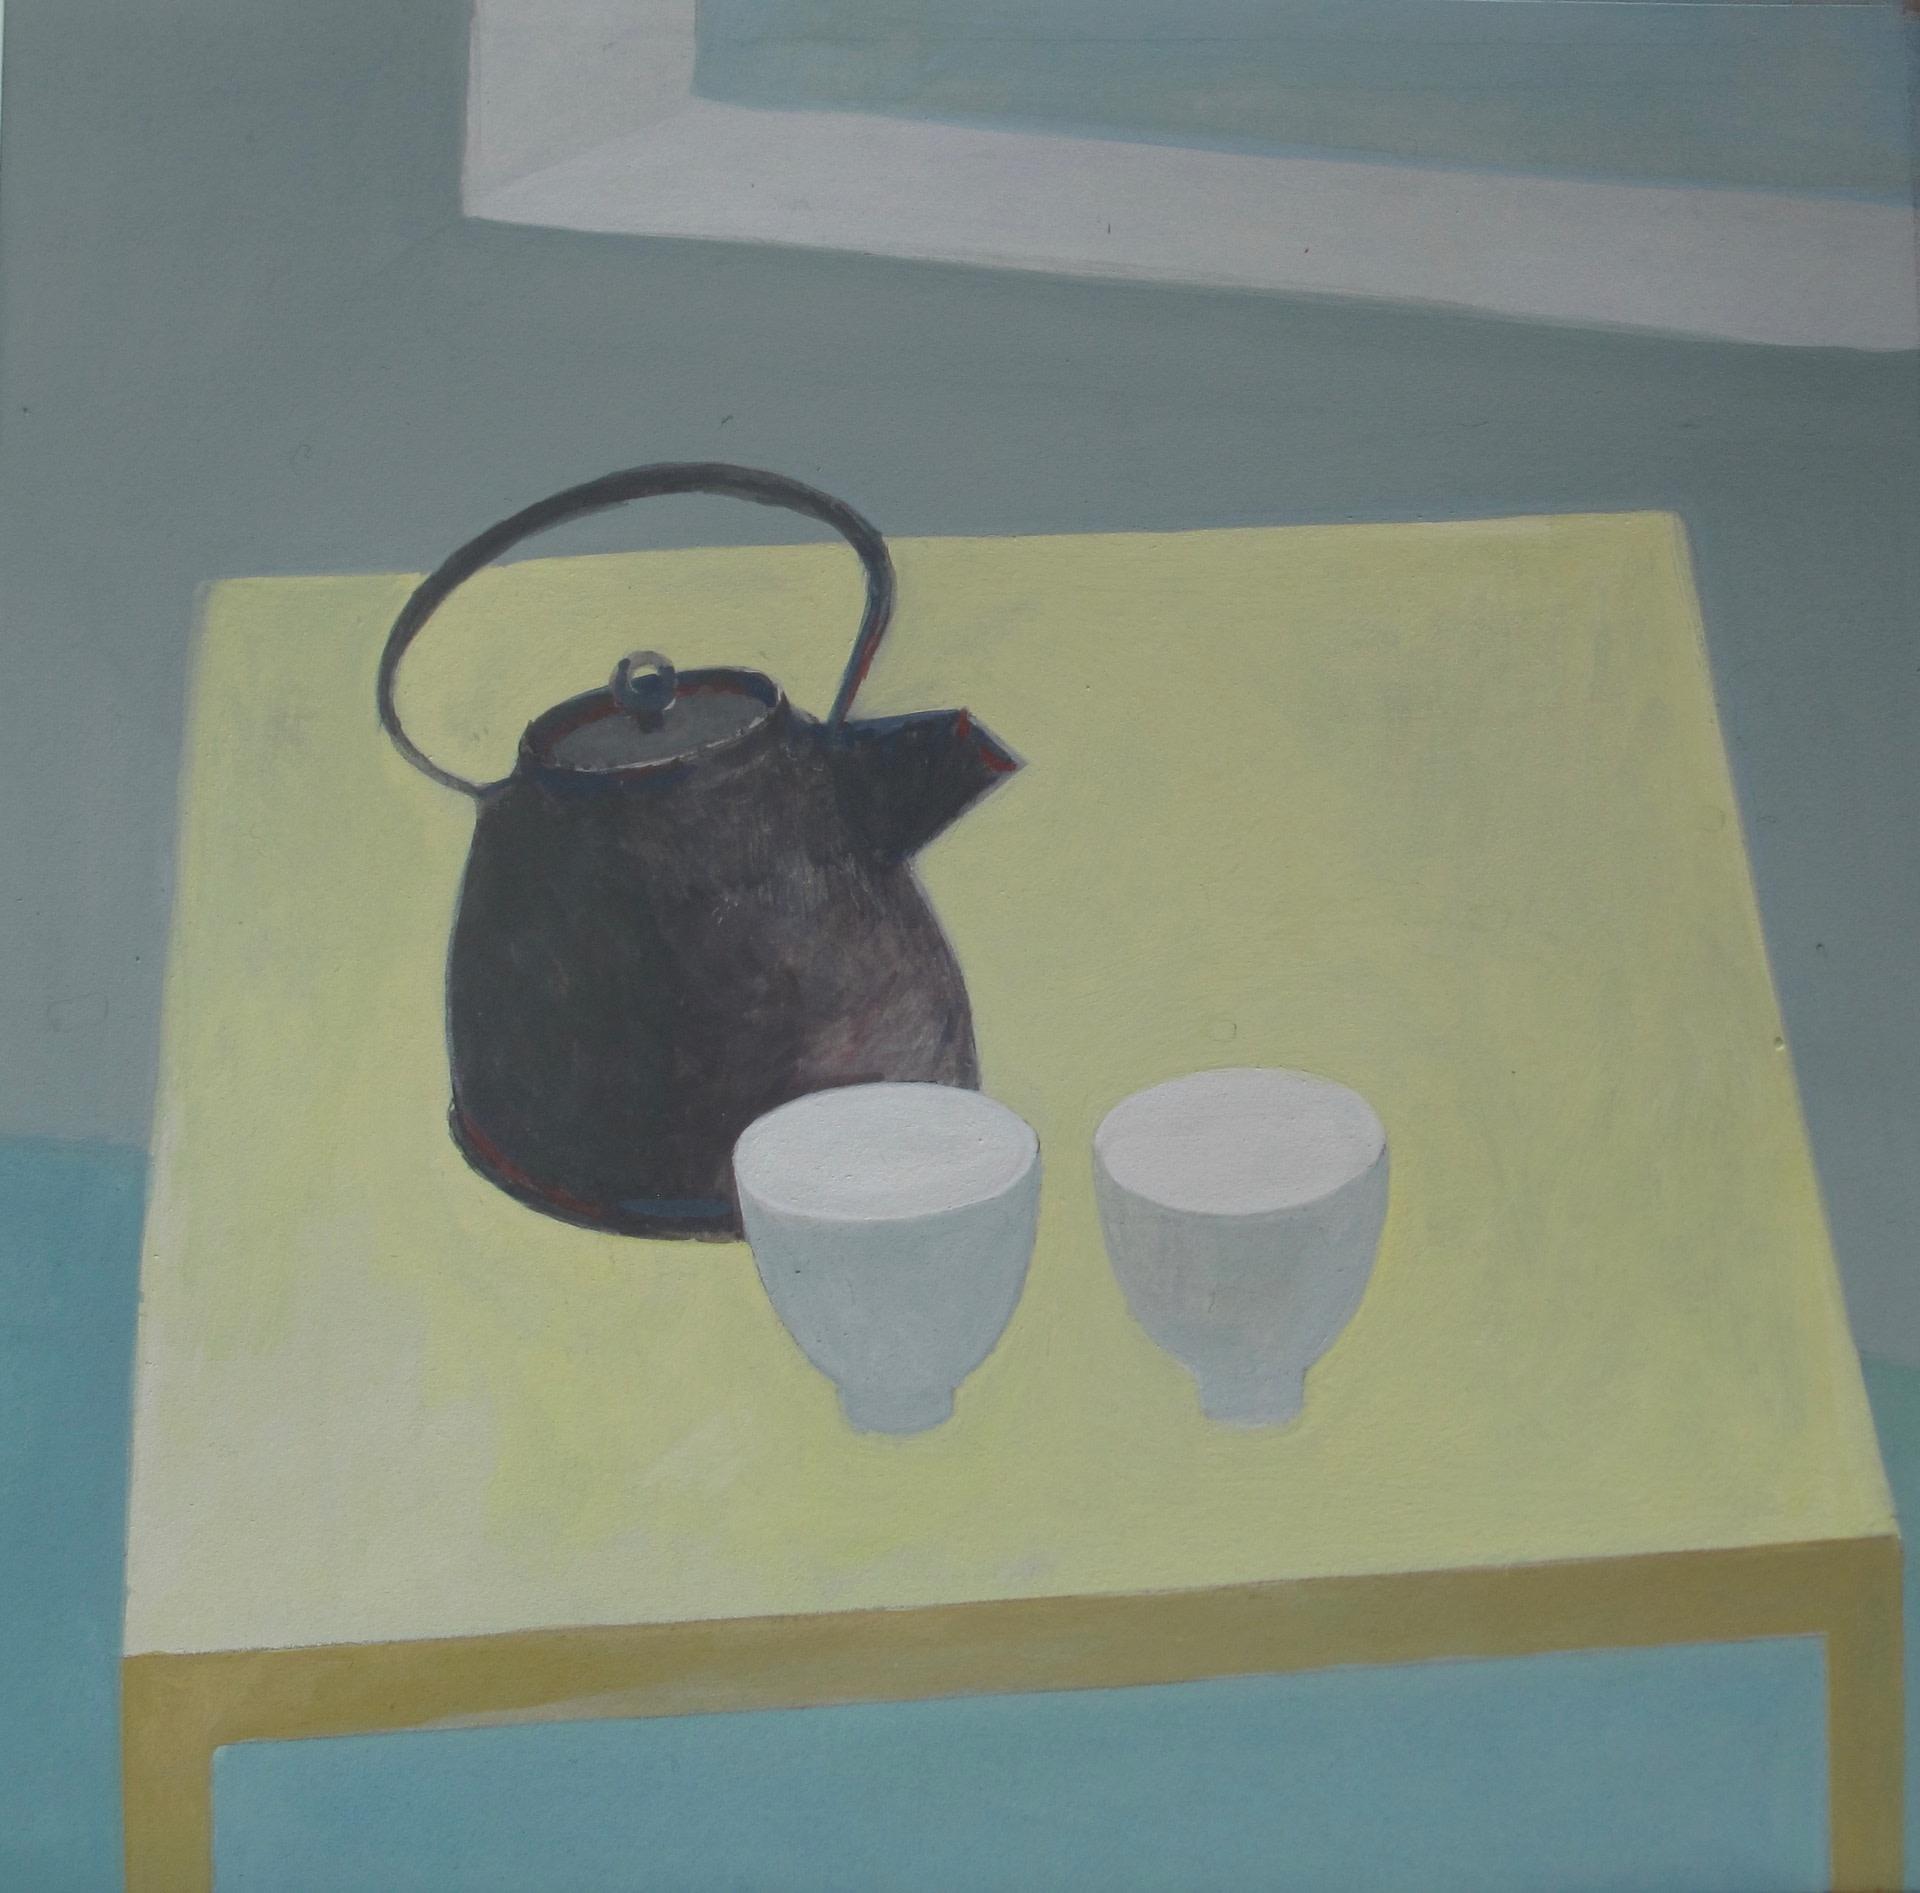 <span class=&#34;link fancybox-details-link&#34;><a href=&#34;/exhibitions/24/works/artworks_standalone10722/&#34;>View Detail Page</a></span><div class=&#34;artist&#34;><span class=&#34;artist&#34;><strong>Wendy Jacob</strong></span></div><div class=&#34;title&#34;><em>Raphael's Teapot</em></div><div class=&#34;medium&#34;>gouache</div><div class=&#34;dimensions&#34;>53x53cm</div>